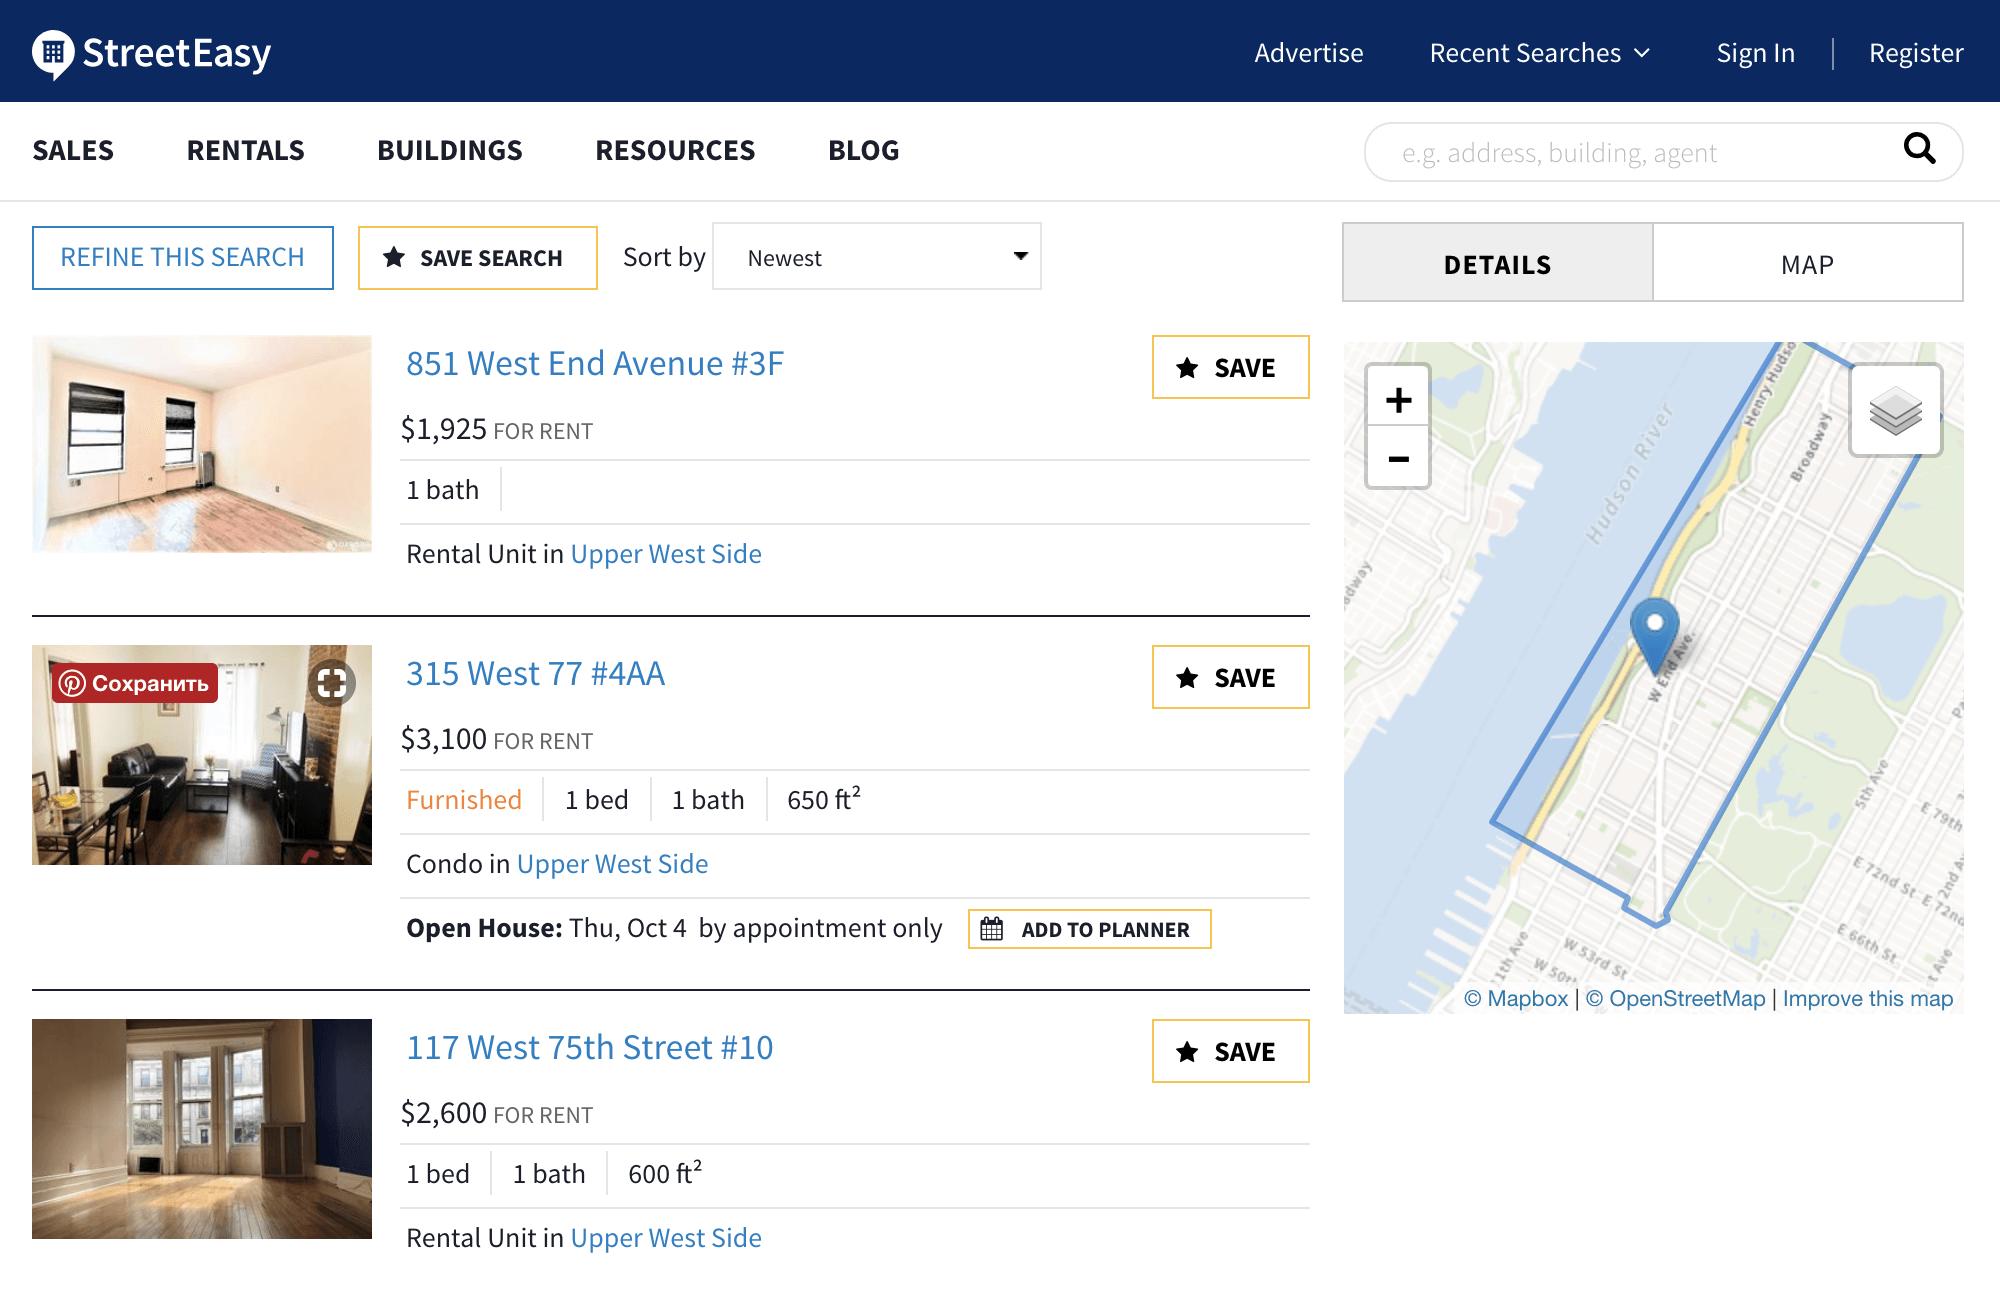 Цены на аренду квартир типа «студио» и 1 BR в нашем районе